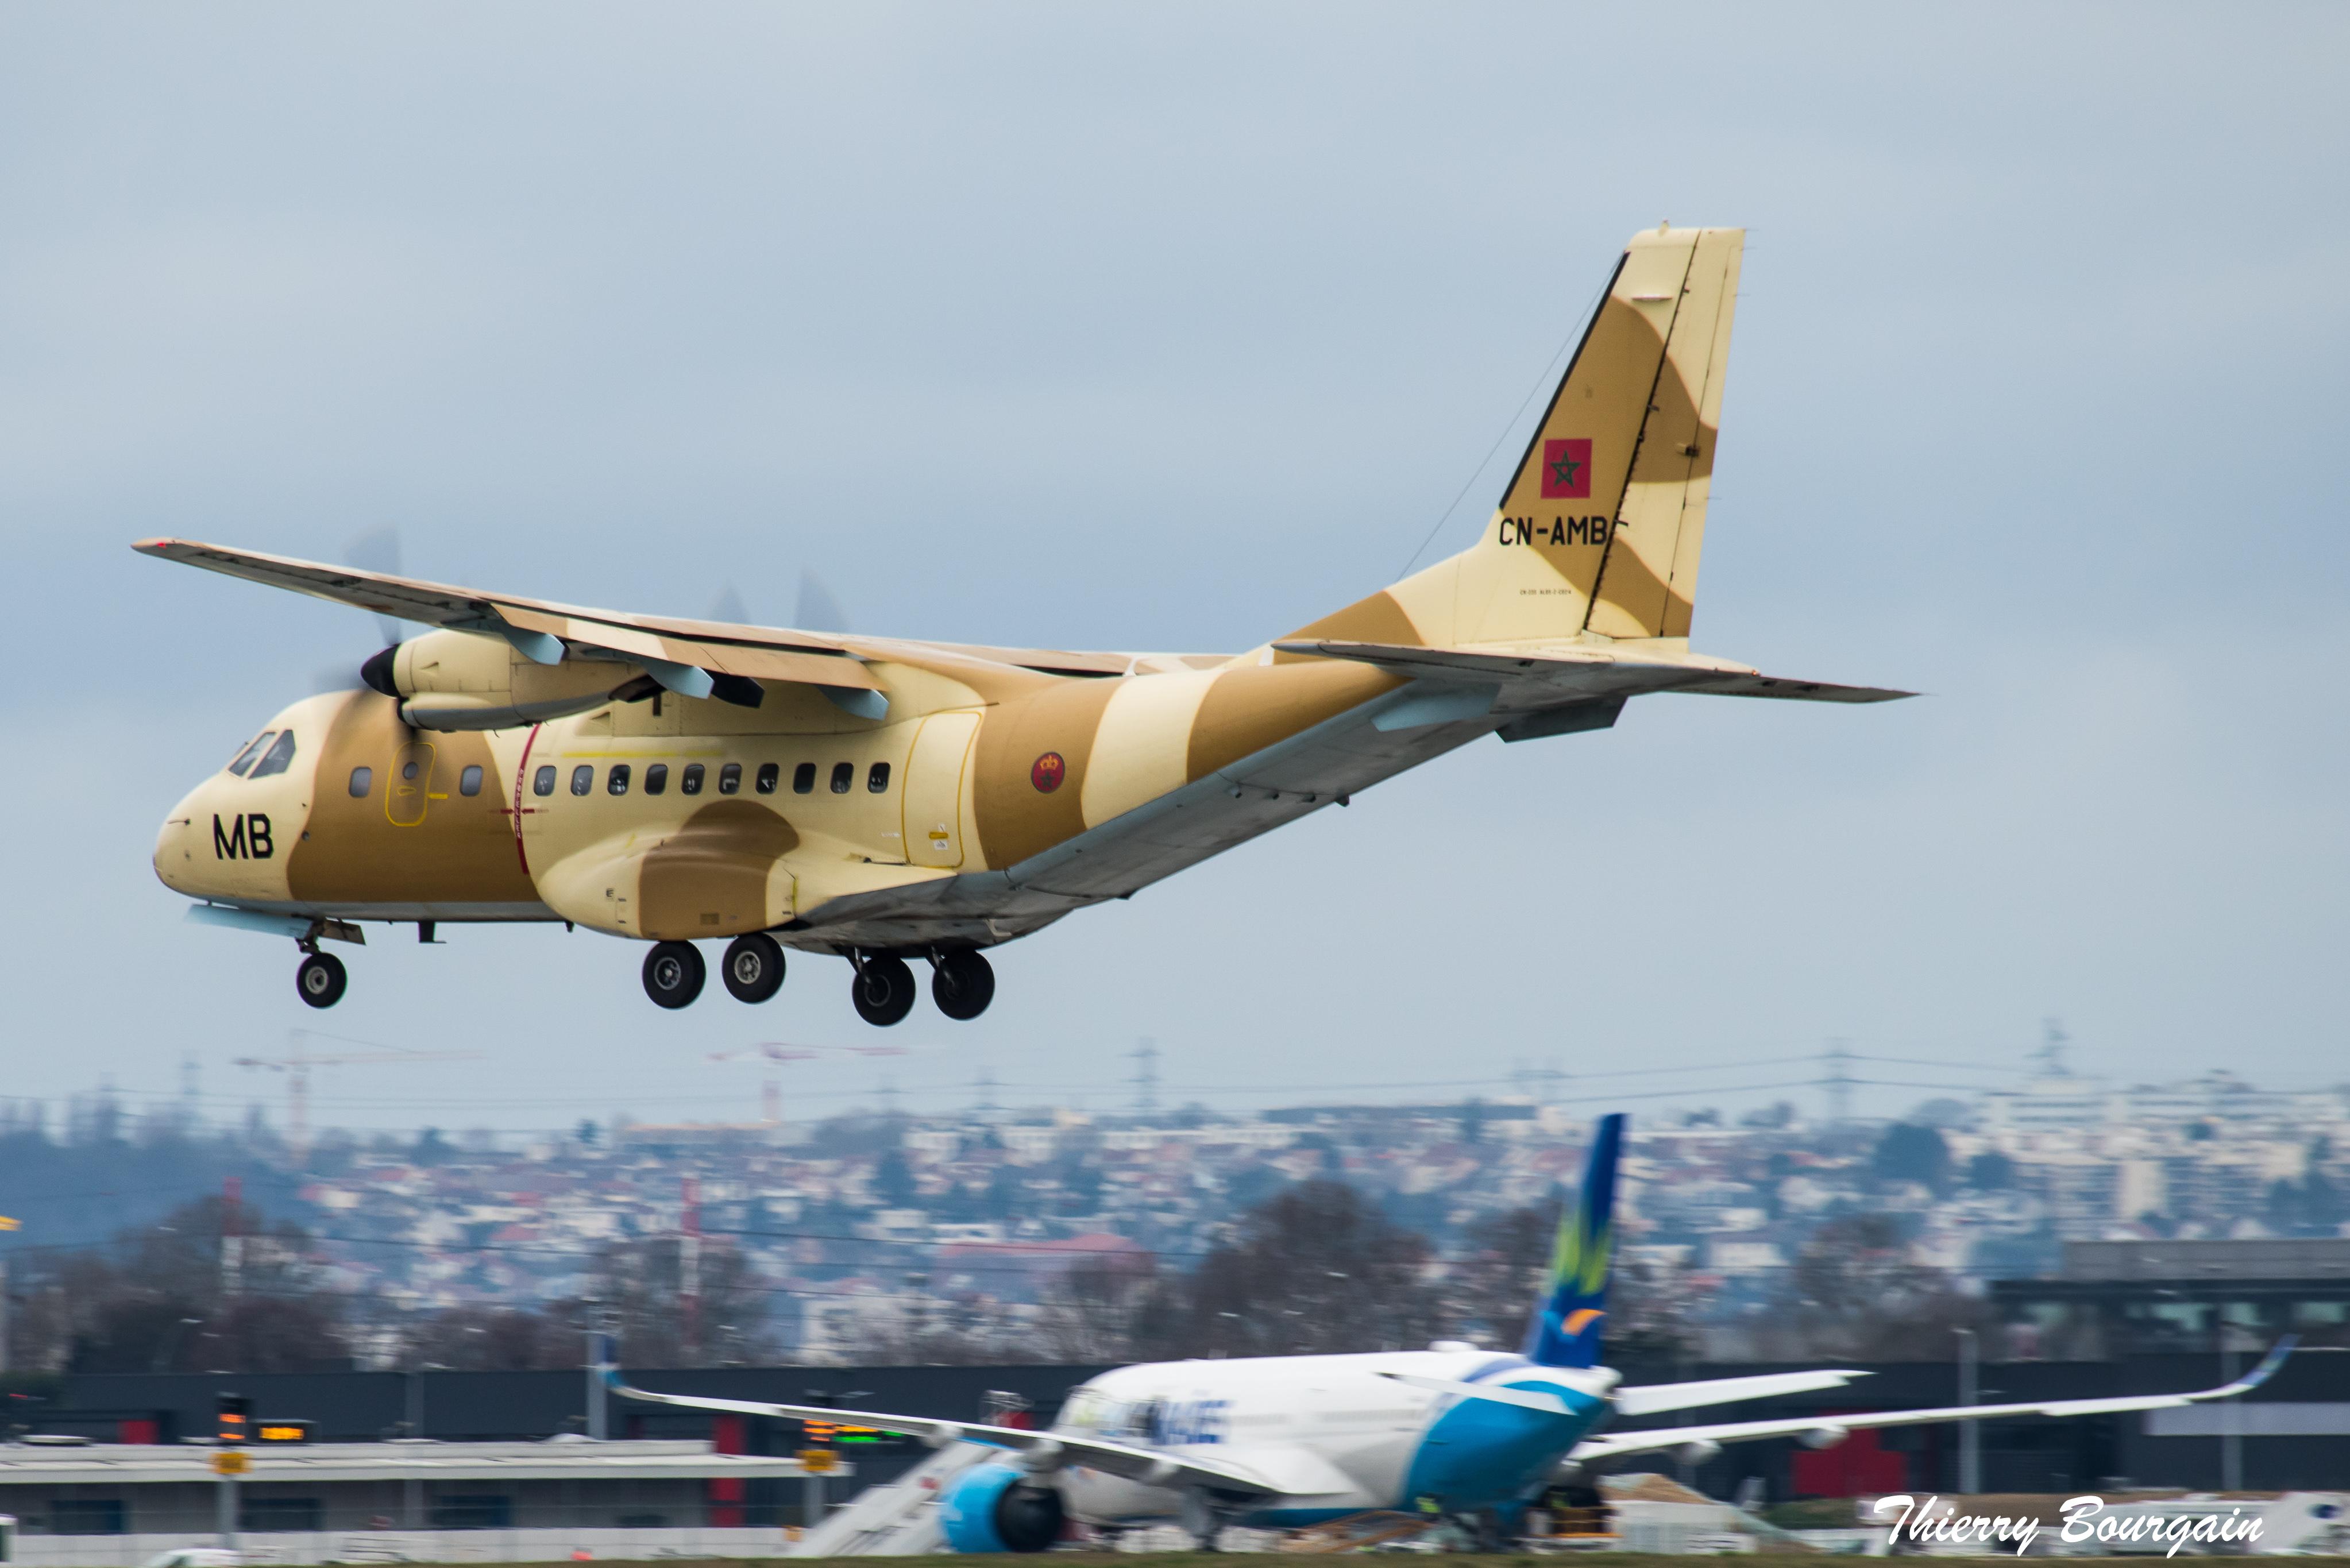 FRA: Photos d'avions de transport - Page 37 46604380234_f682958611_o